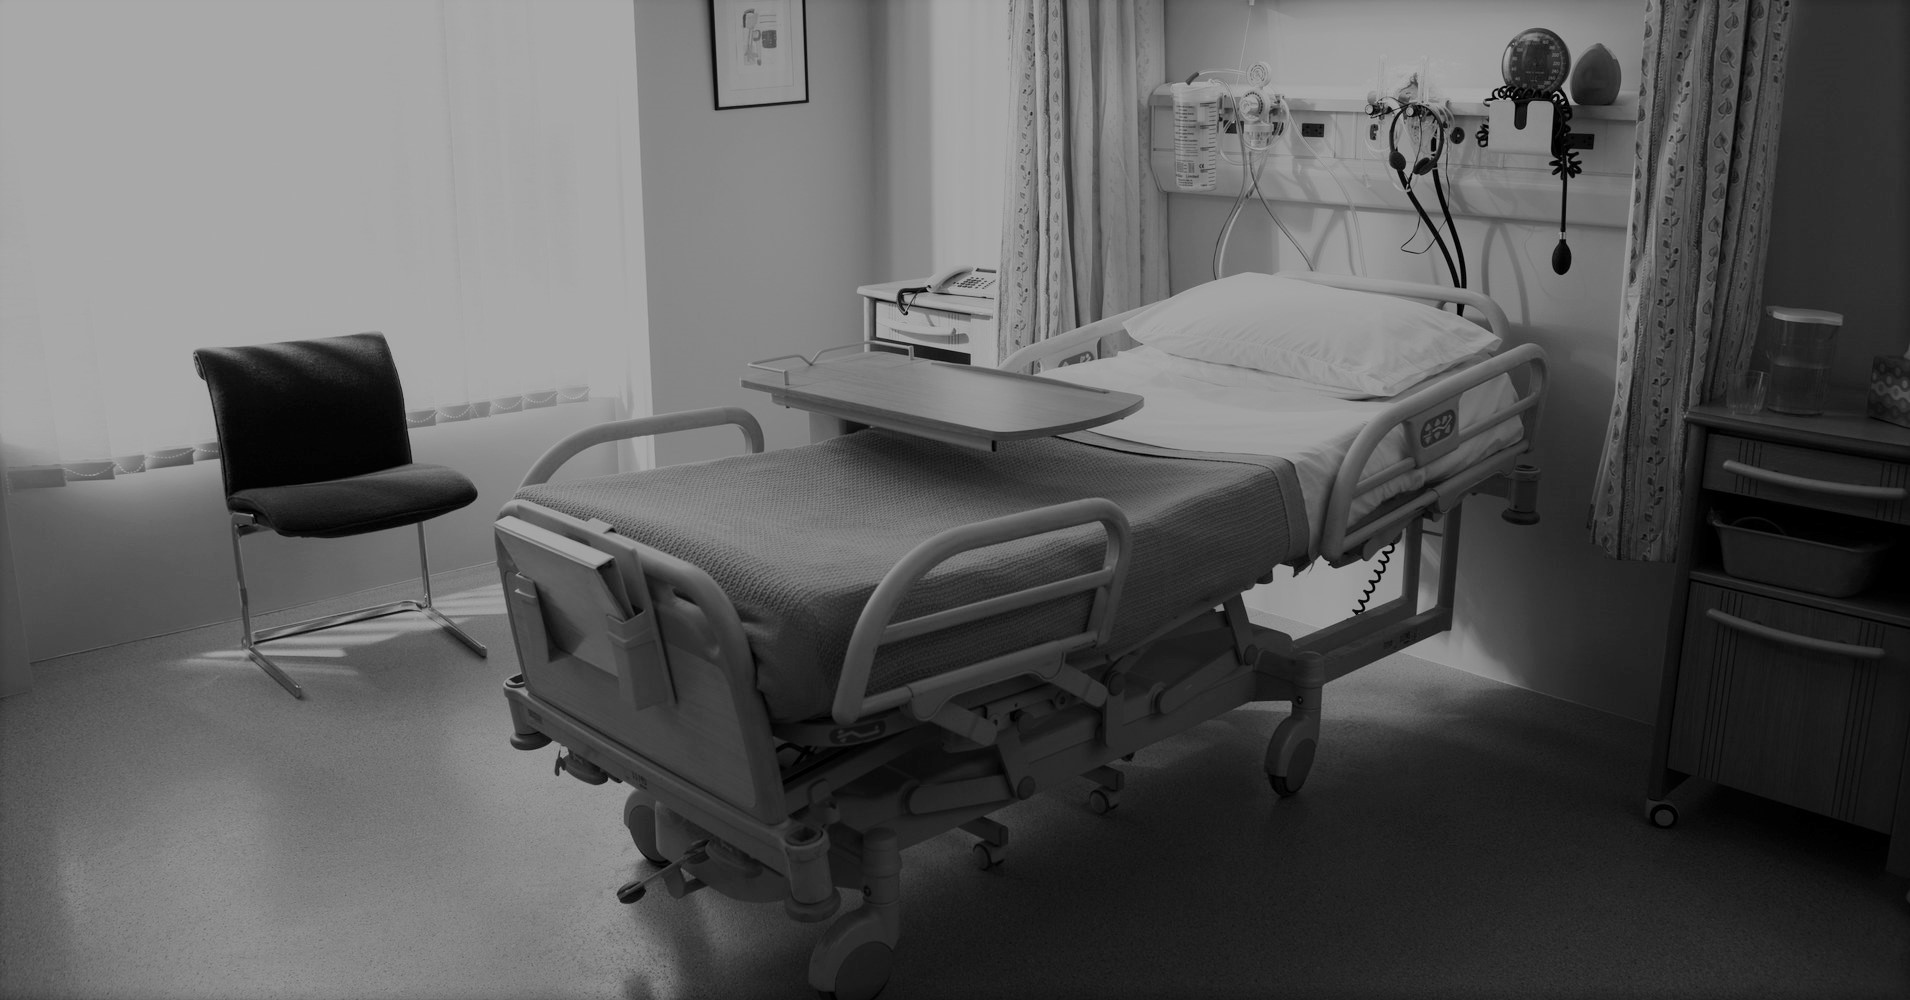 به ازای هر ٥٠٨ نفر یک تخت بیمارستانی ثابت در کشور وجود دارد